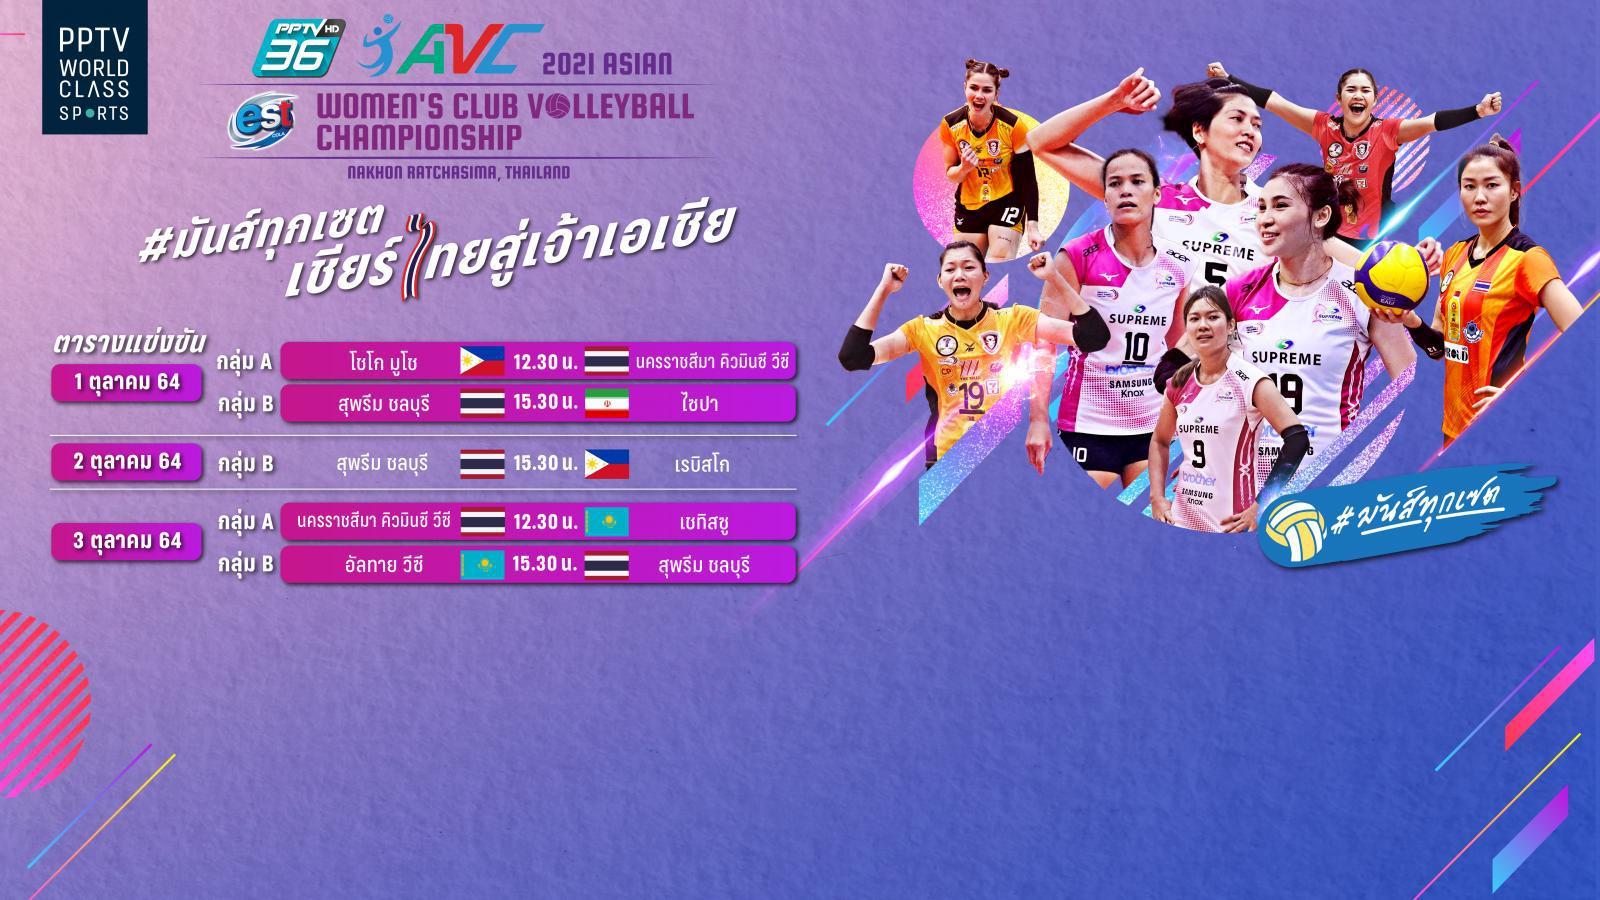 พีพีทีวี วอลเลย์บอลสโมสรหญิง เอสโคล่า ชิงชนะเลิศแห่งเอเชีย